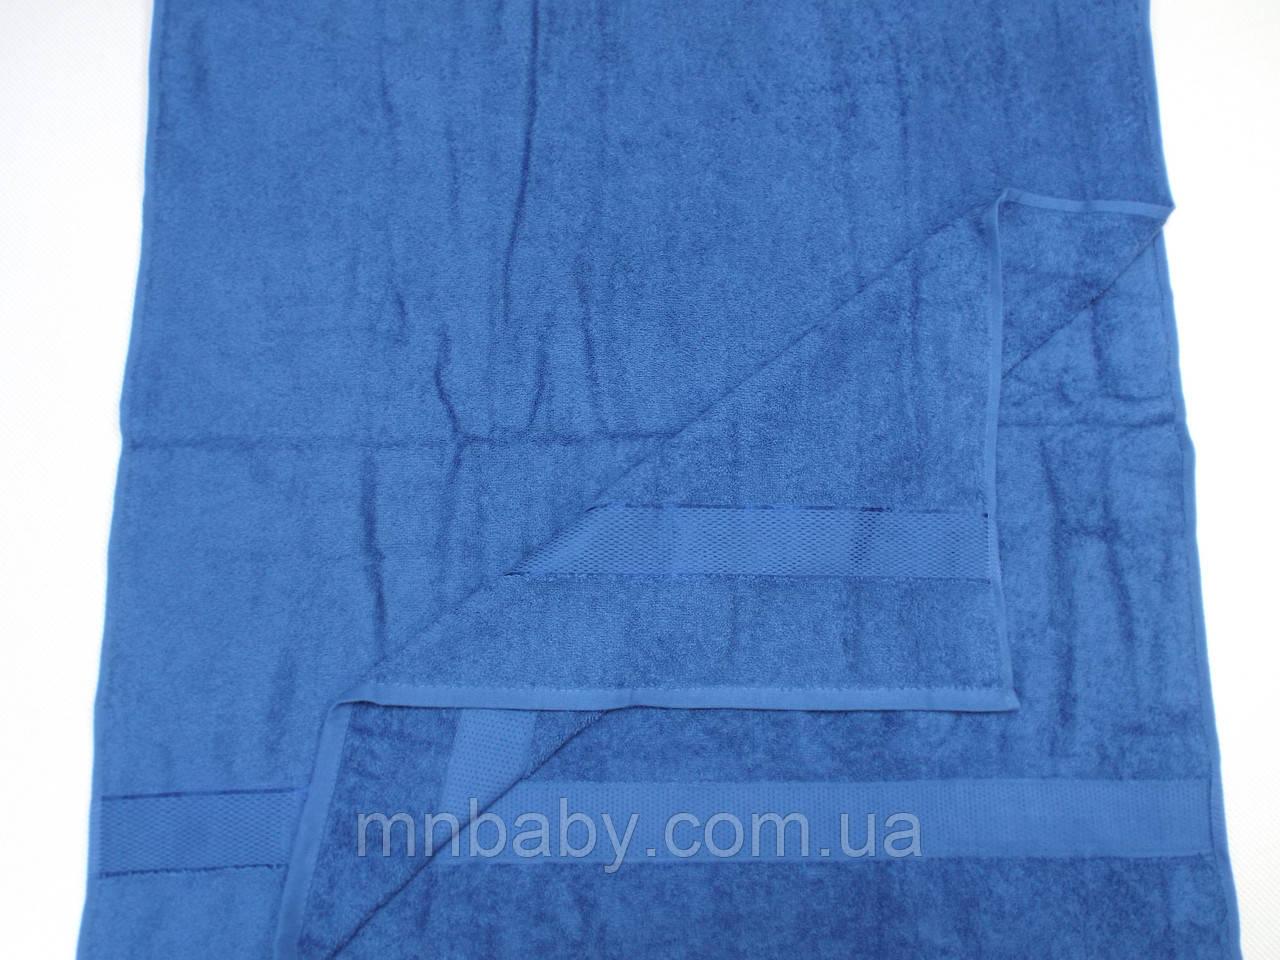 Полотенце махровое 70*140 см джинс